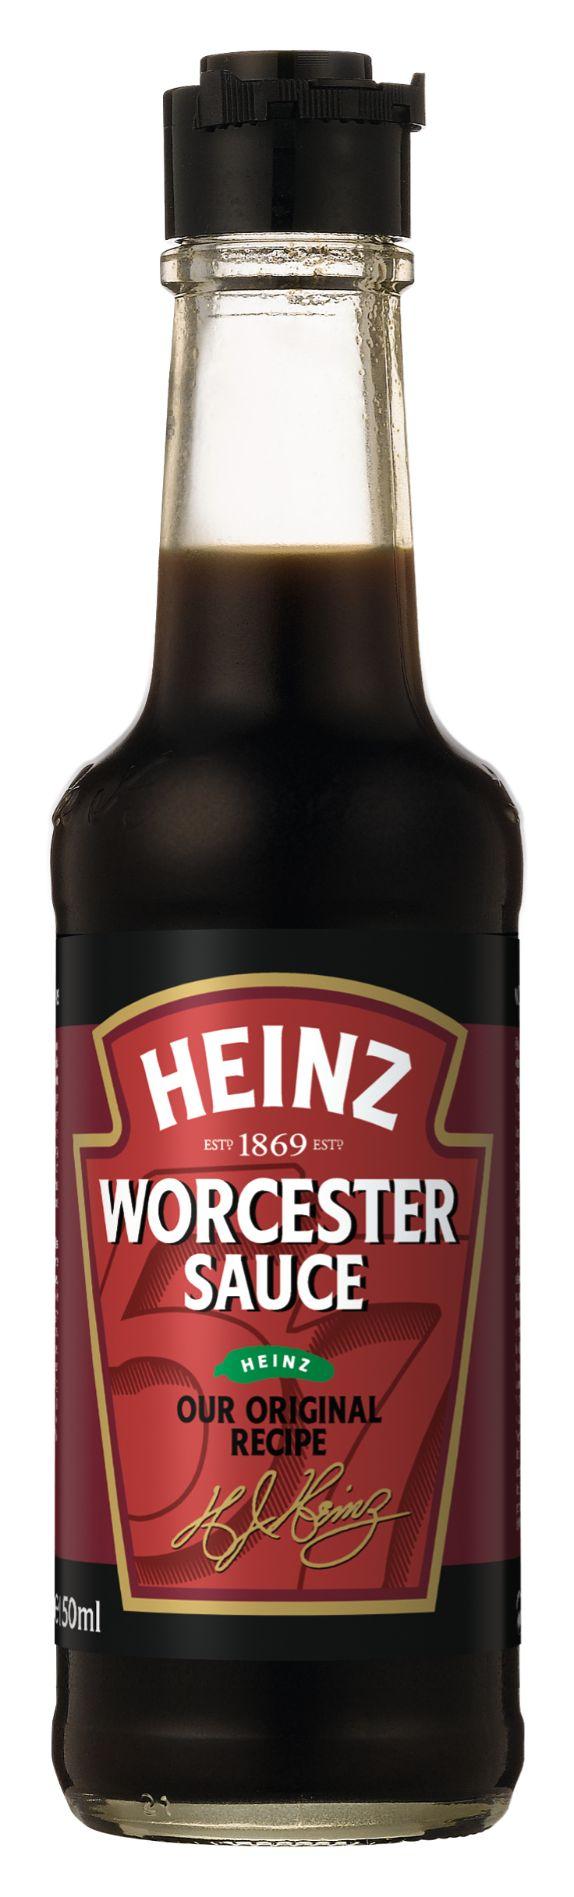 Heinz Worcester Sauce 150ml image